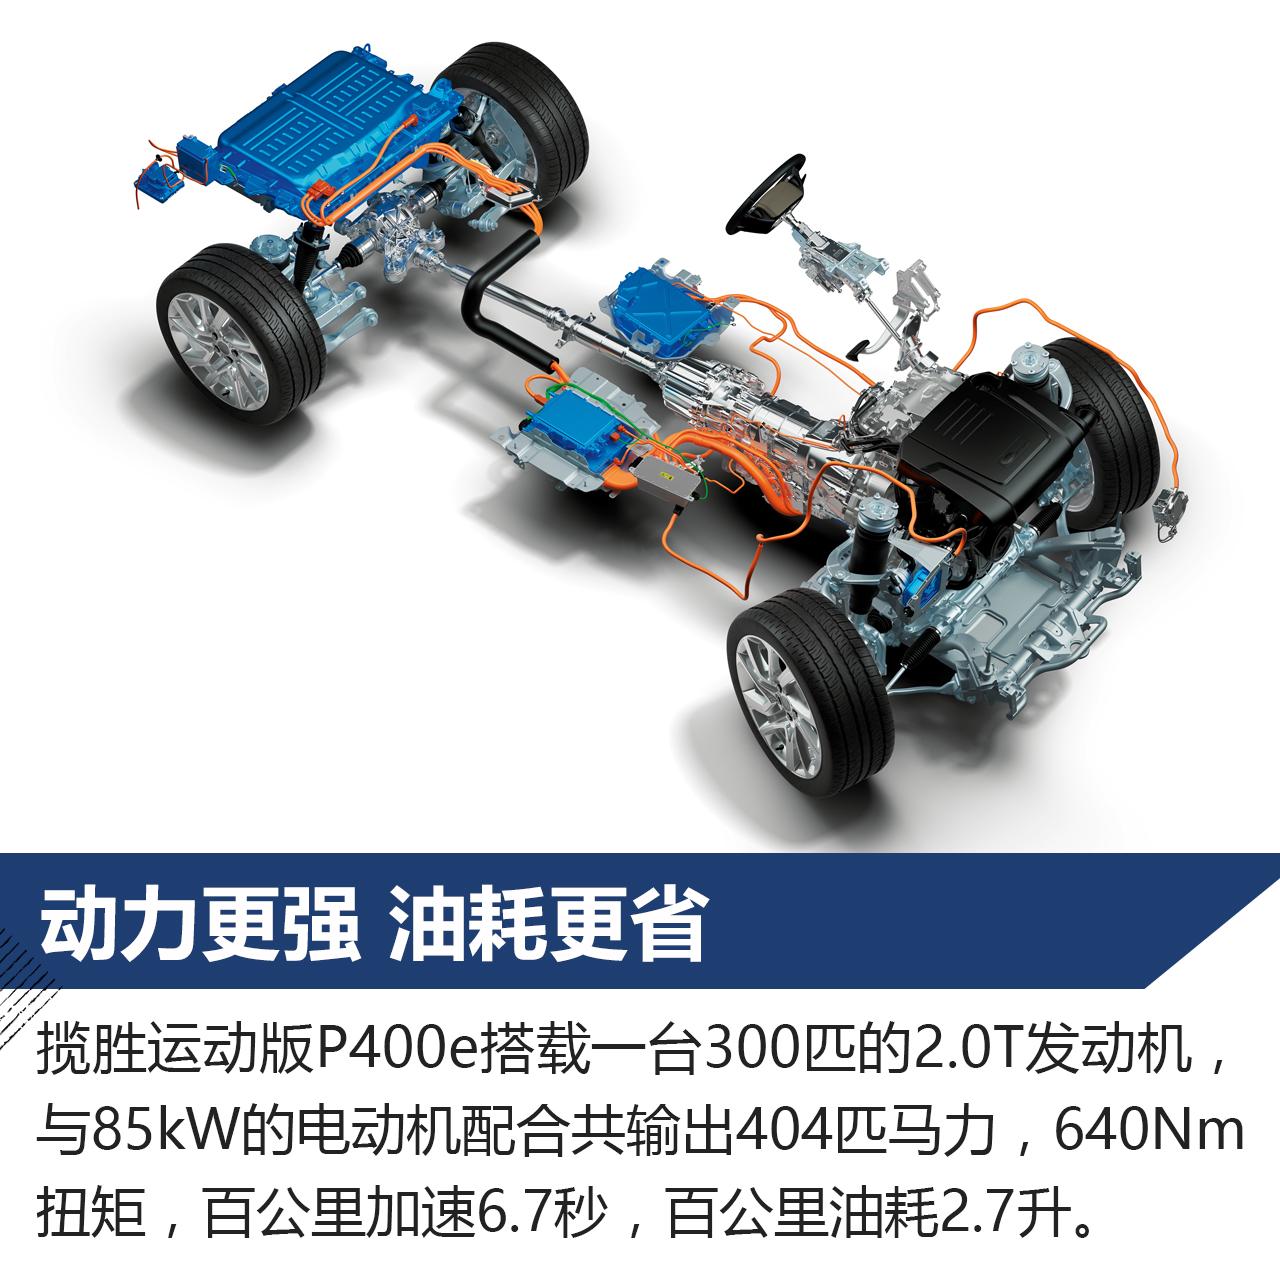 电机加持 越玩越野 试驾揽胜运动版P400e